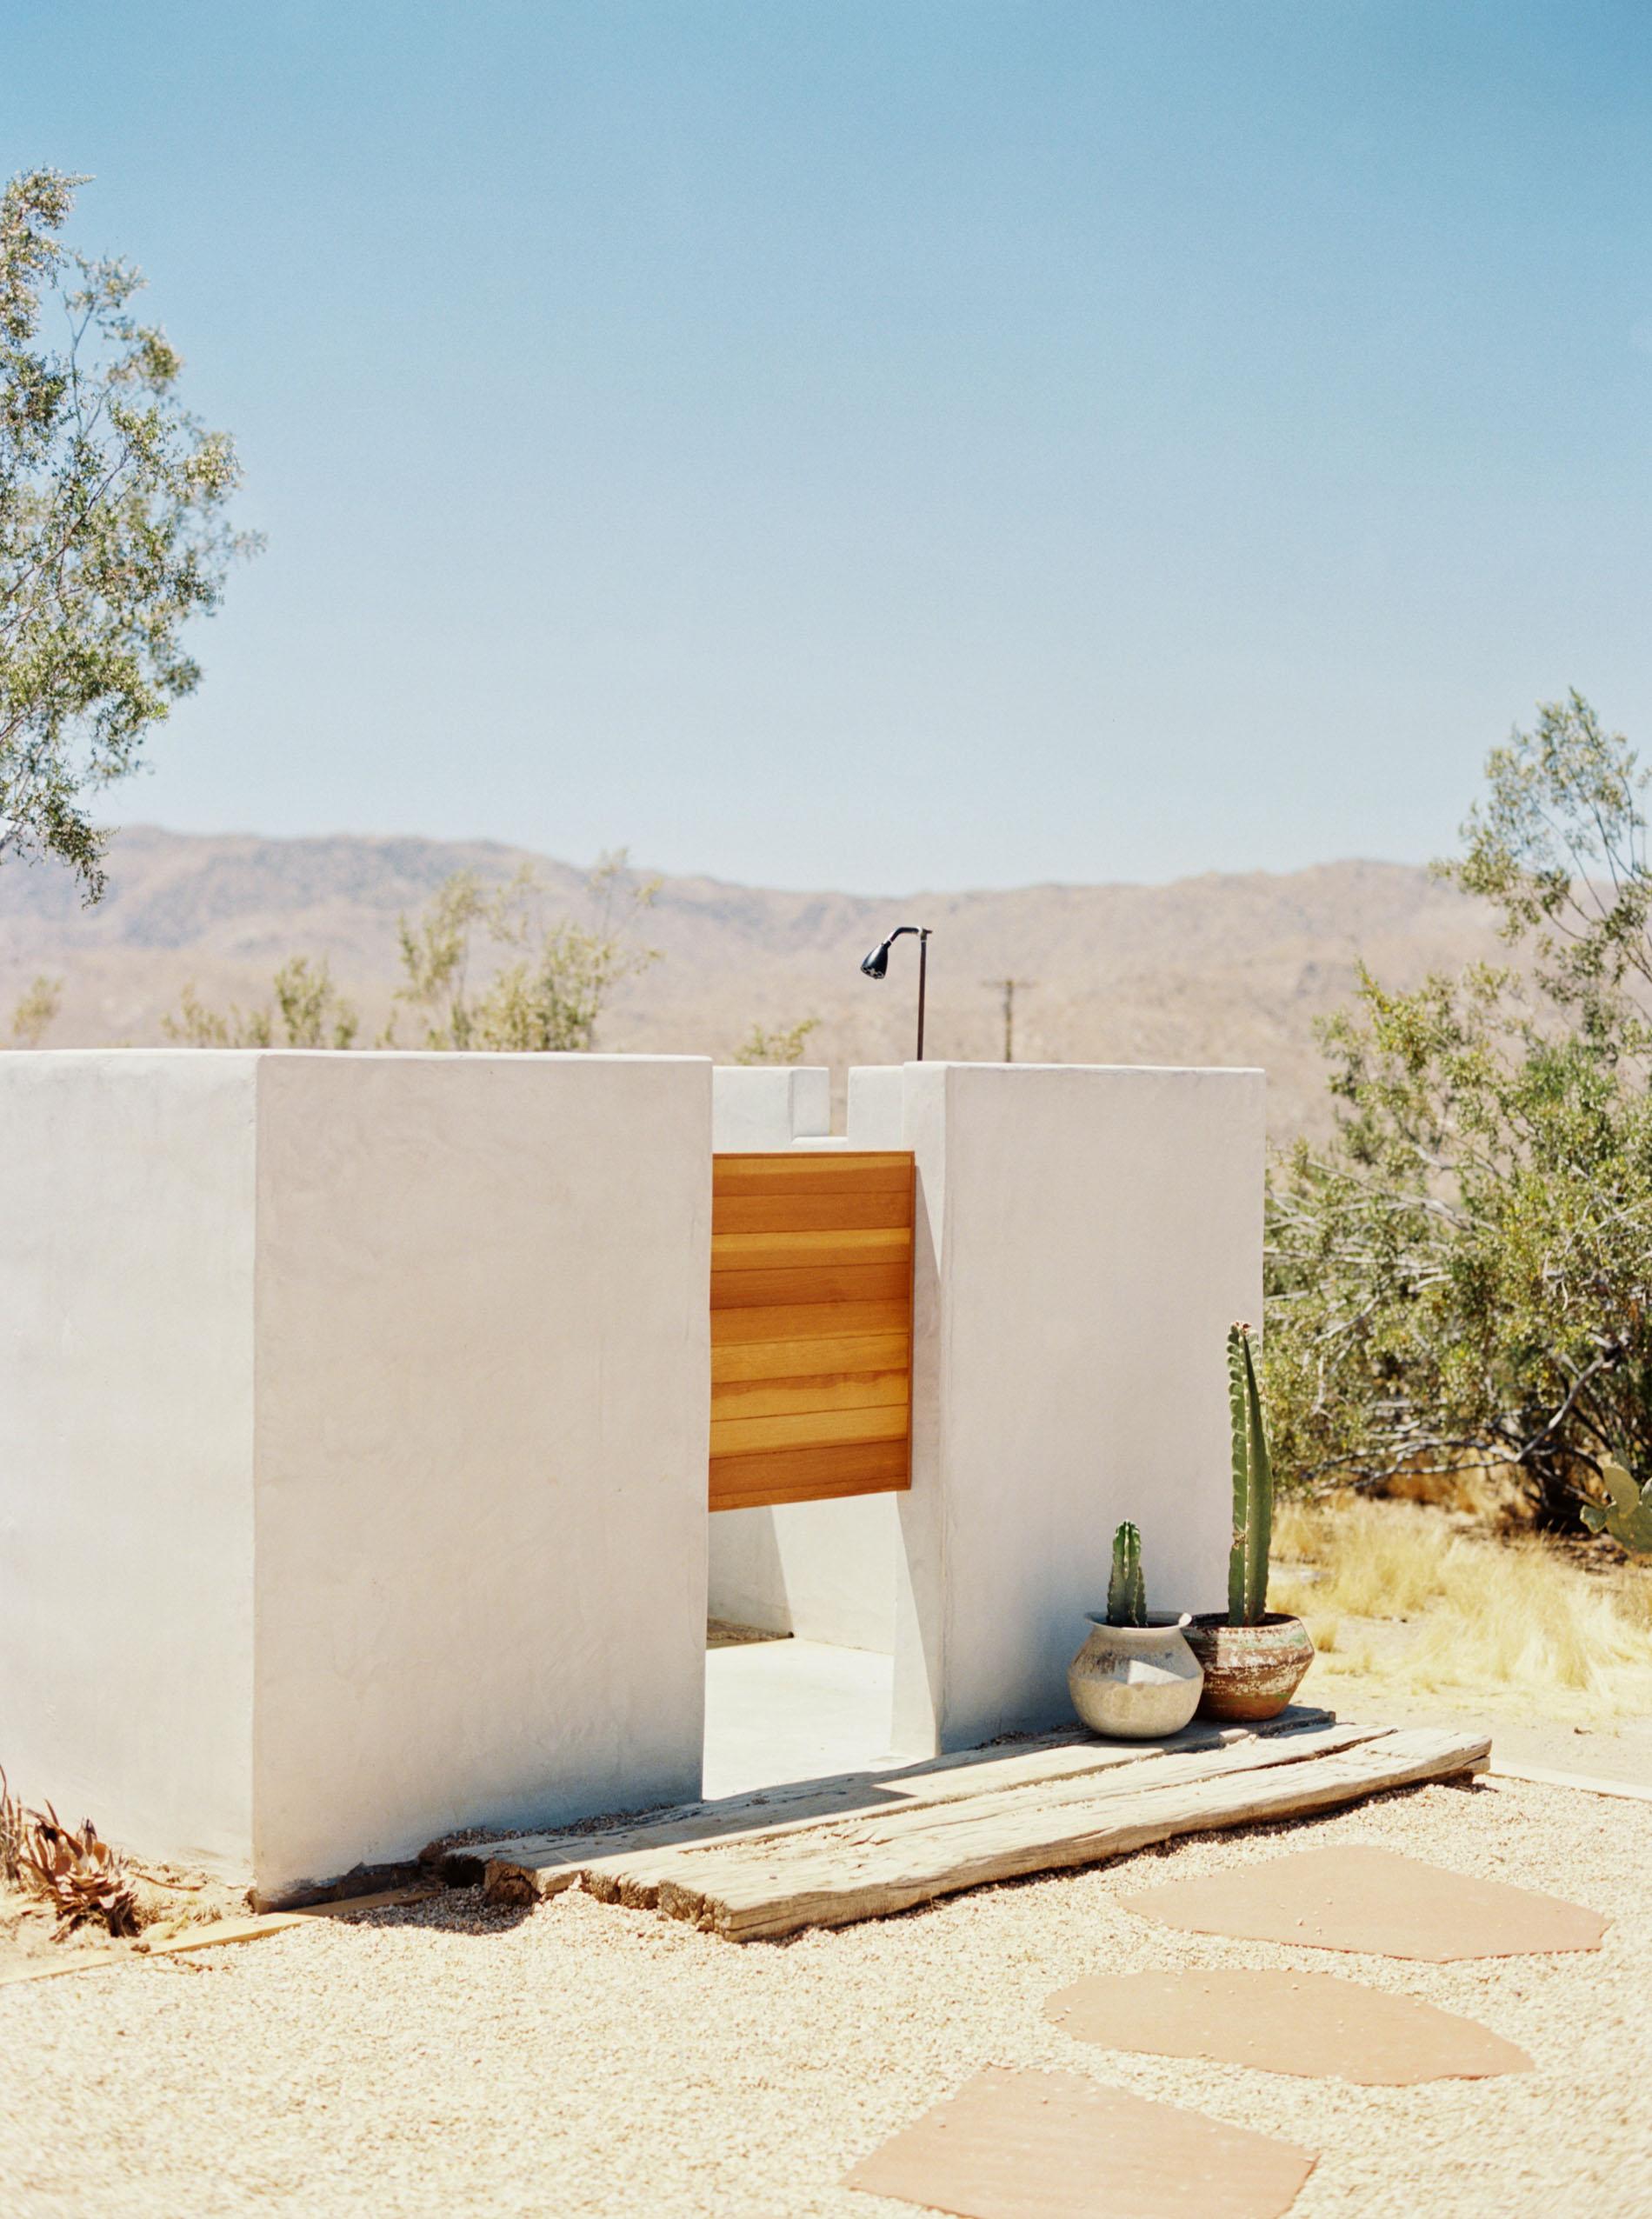 Justin Chung, Joshua Tree, Kodak, California